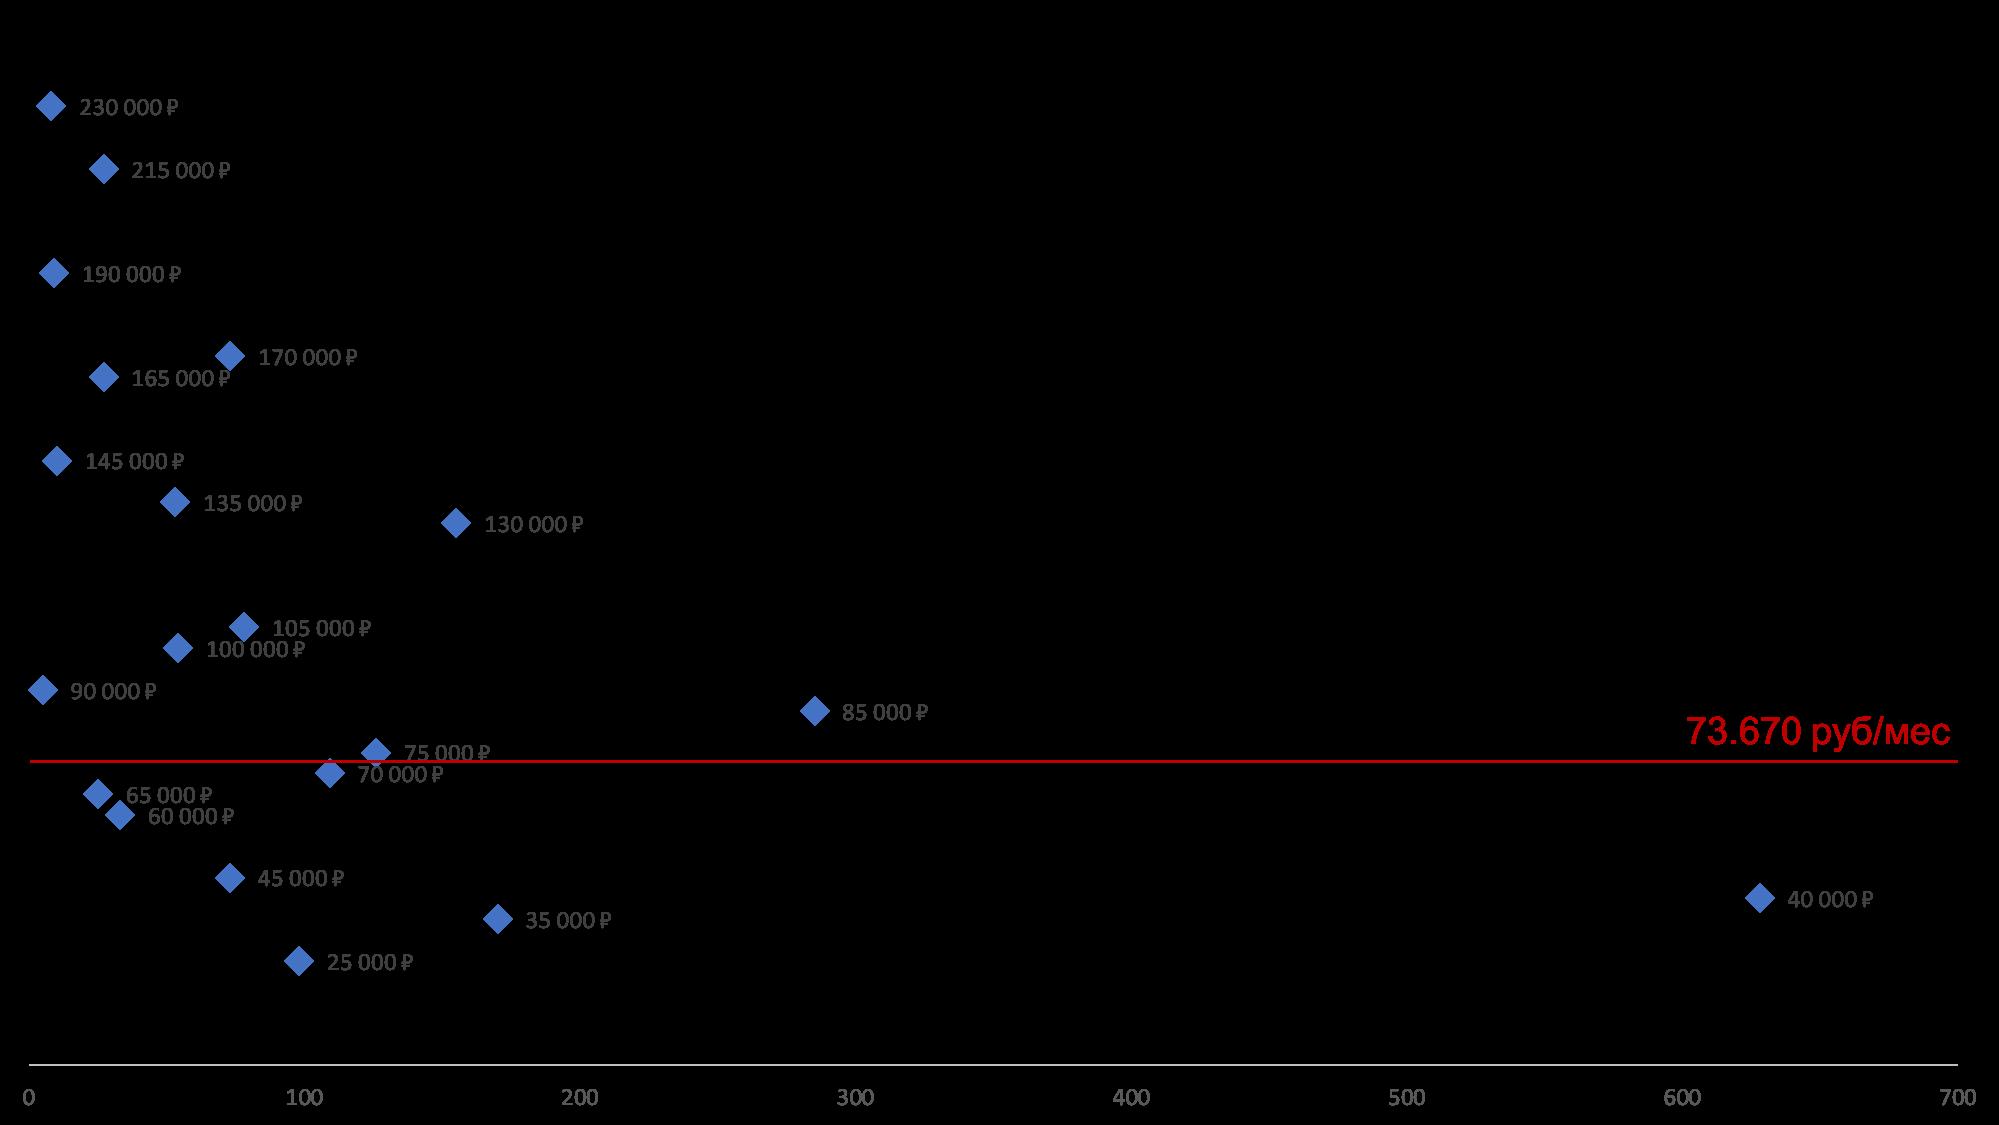 бизнес аналитик - разборс доходов